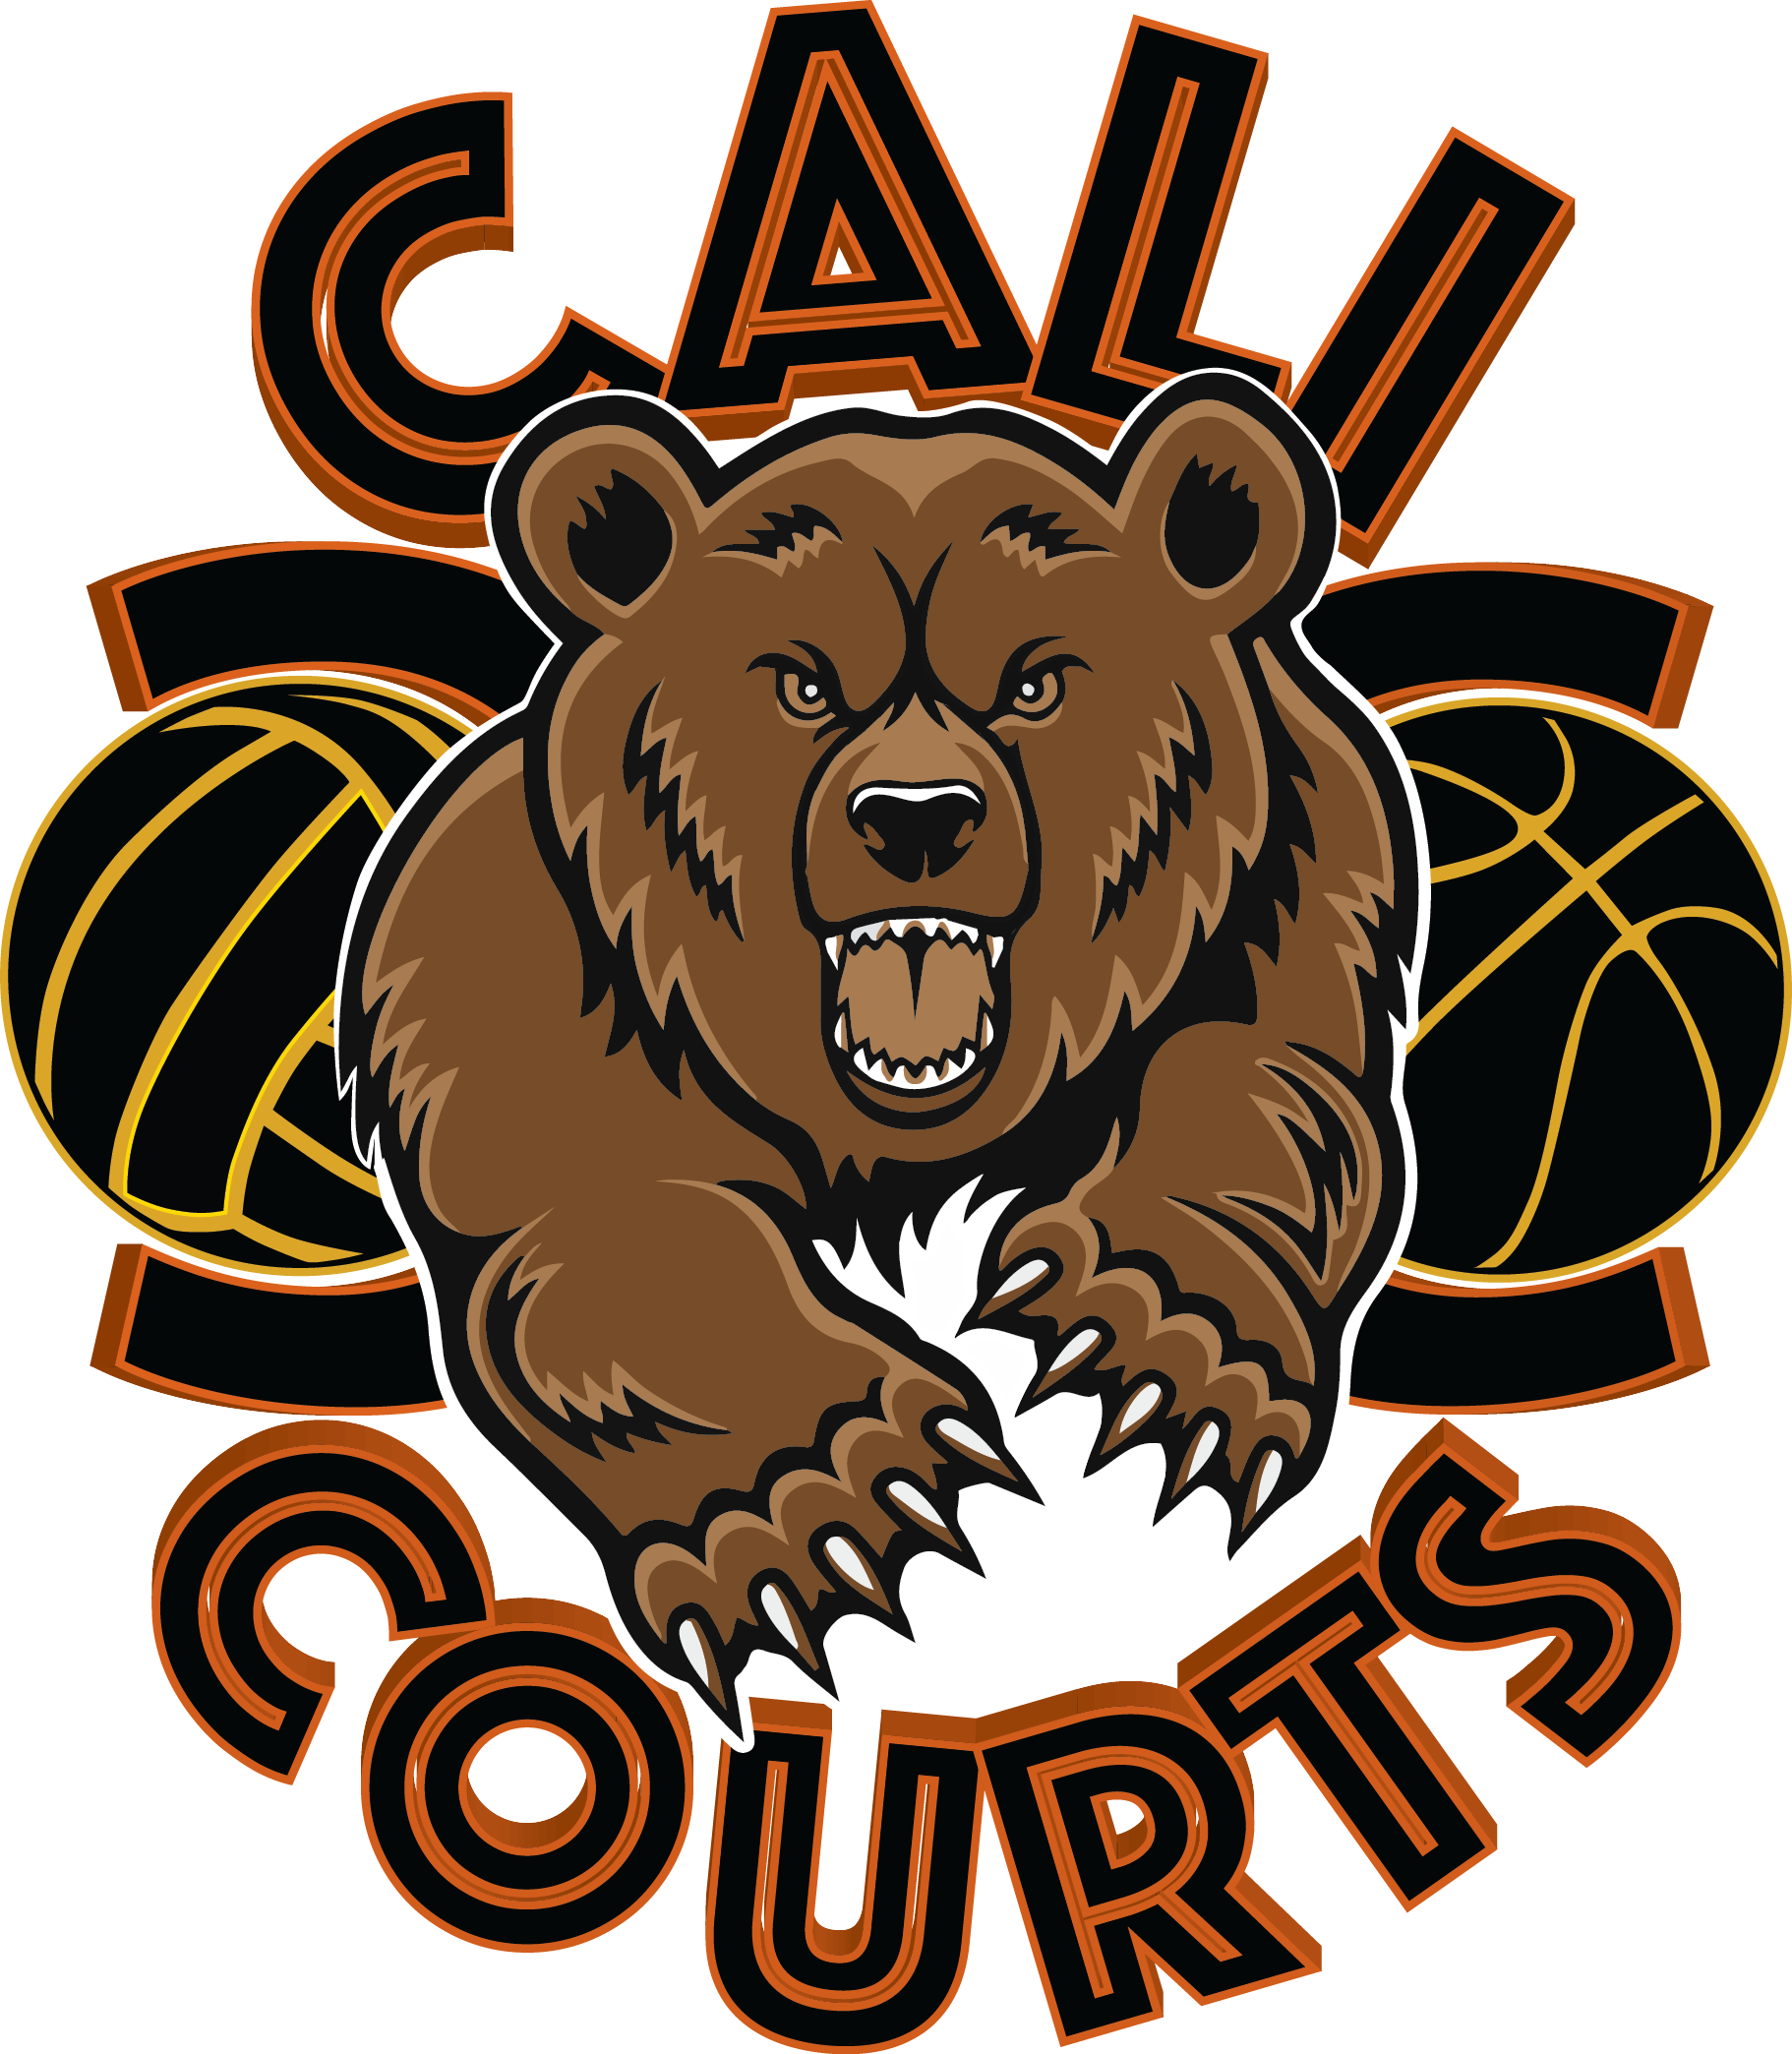 Cali Court